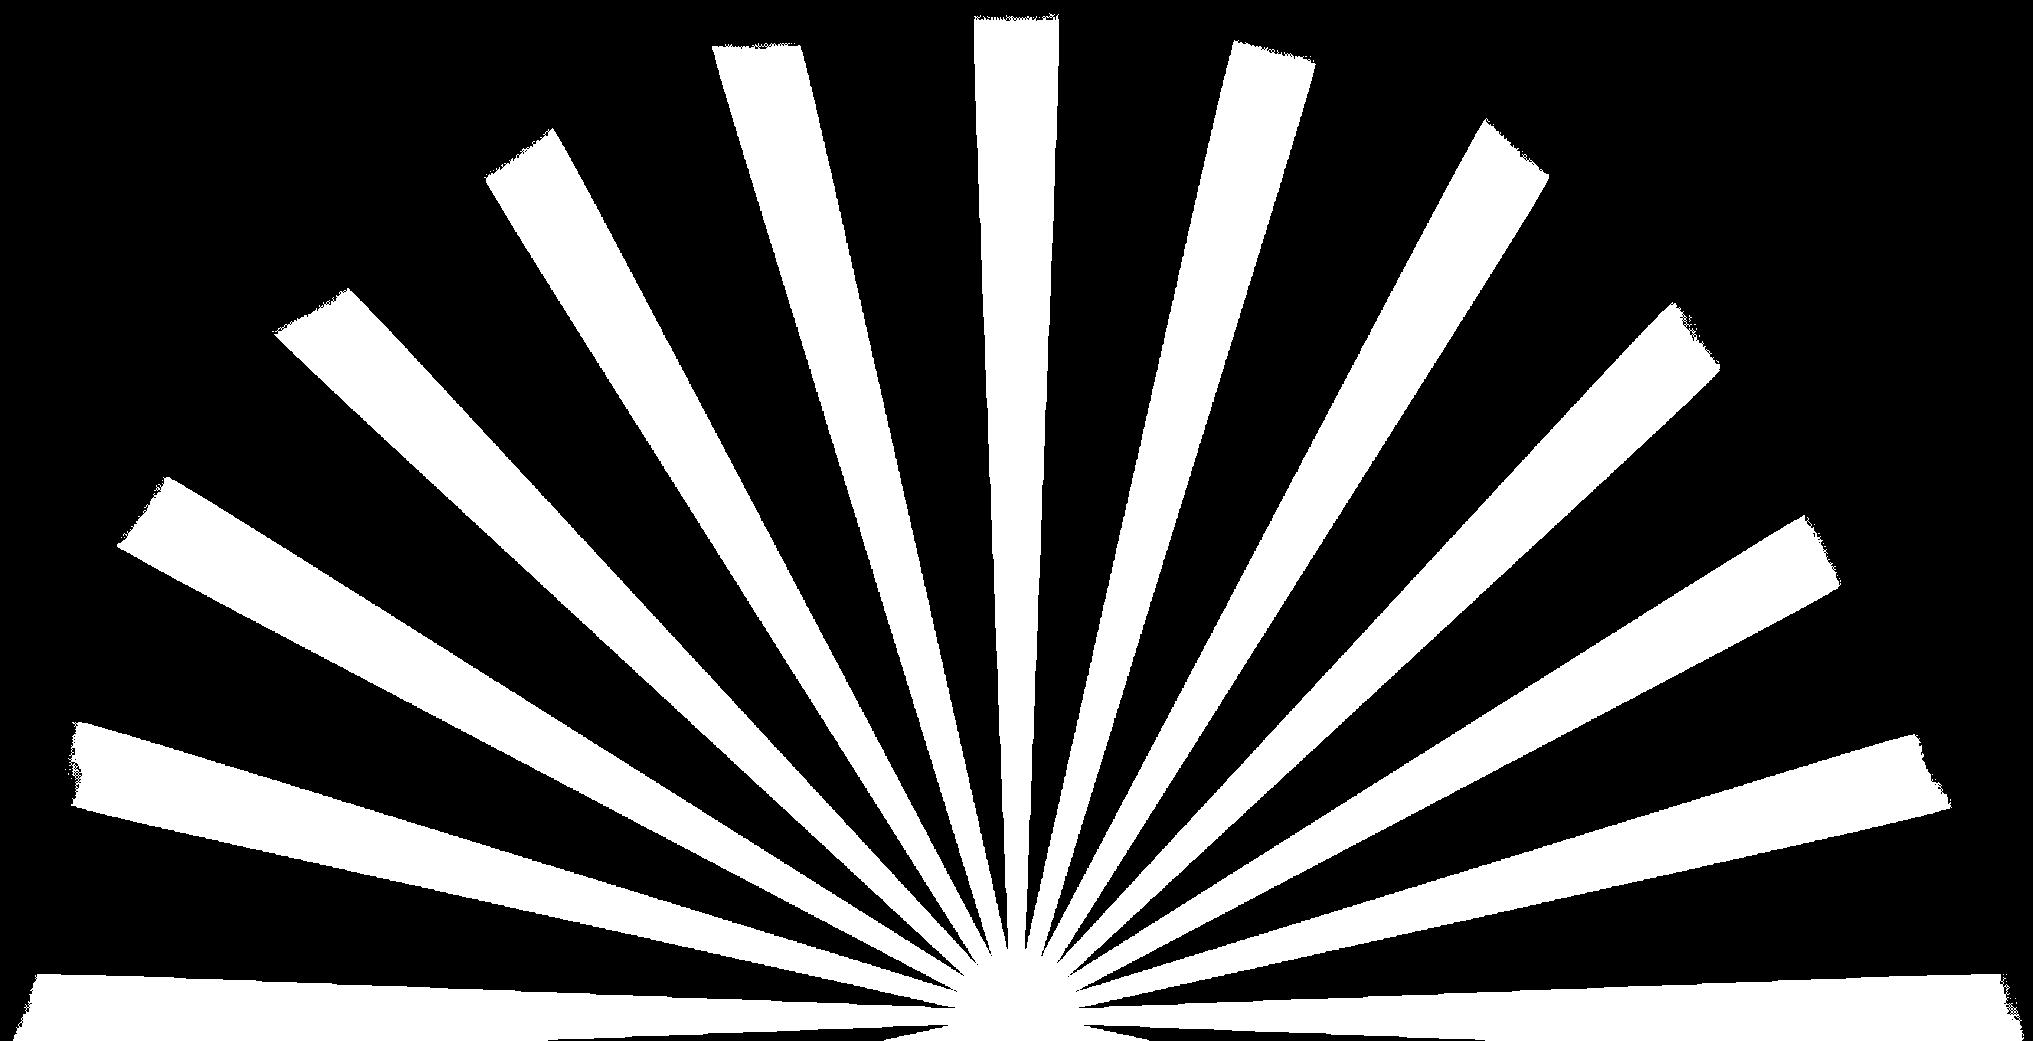 WhiteBurst